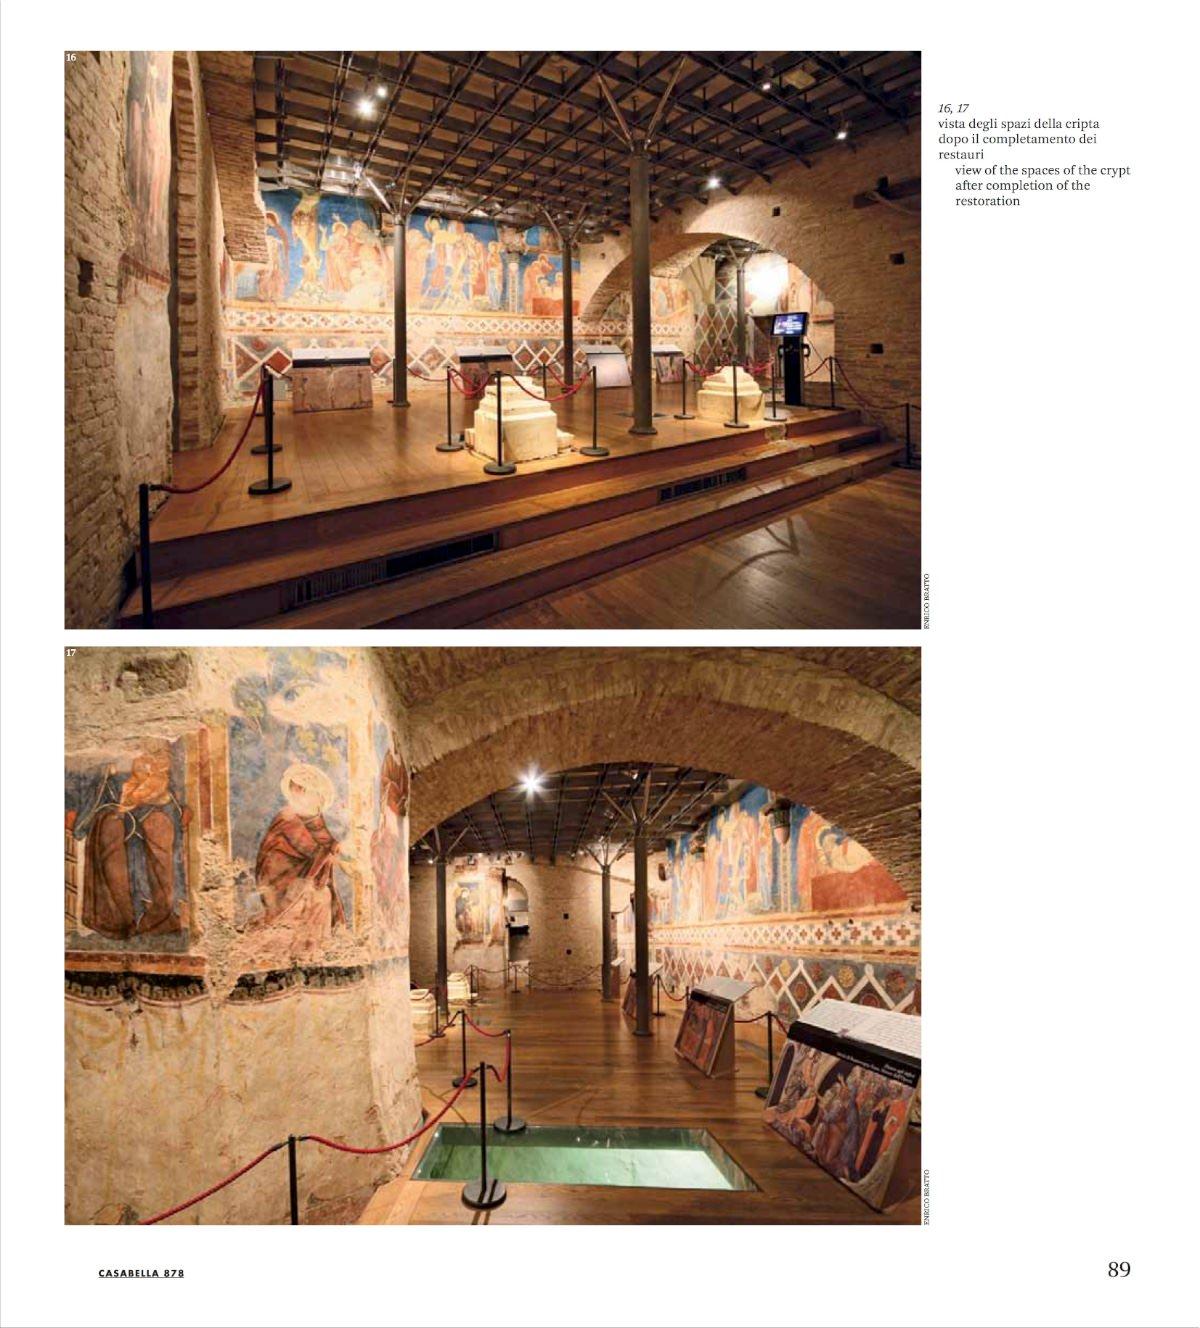 cripta-duomo-siena-878-p89